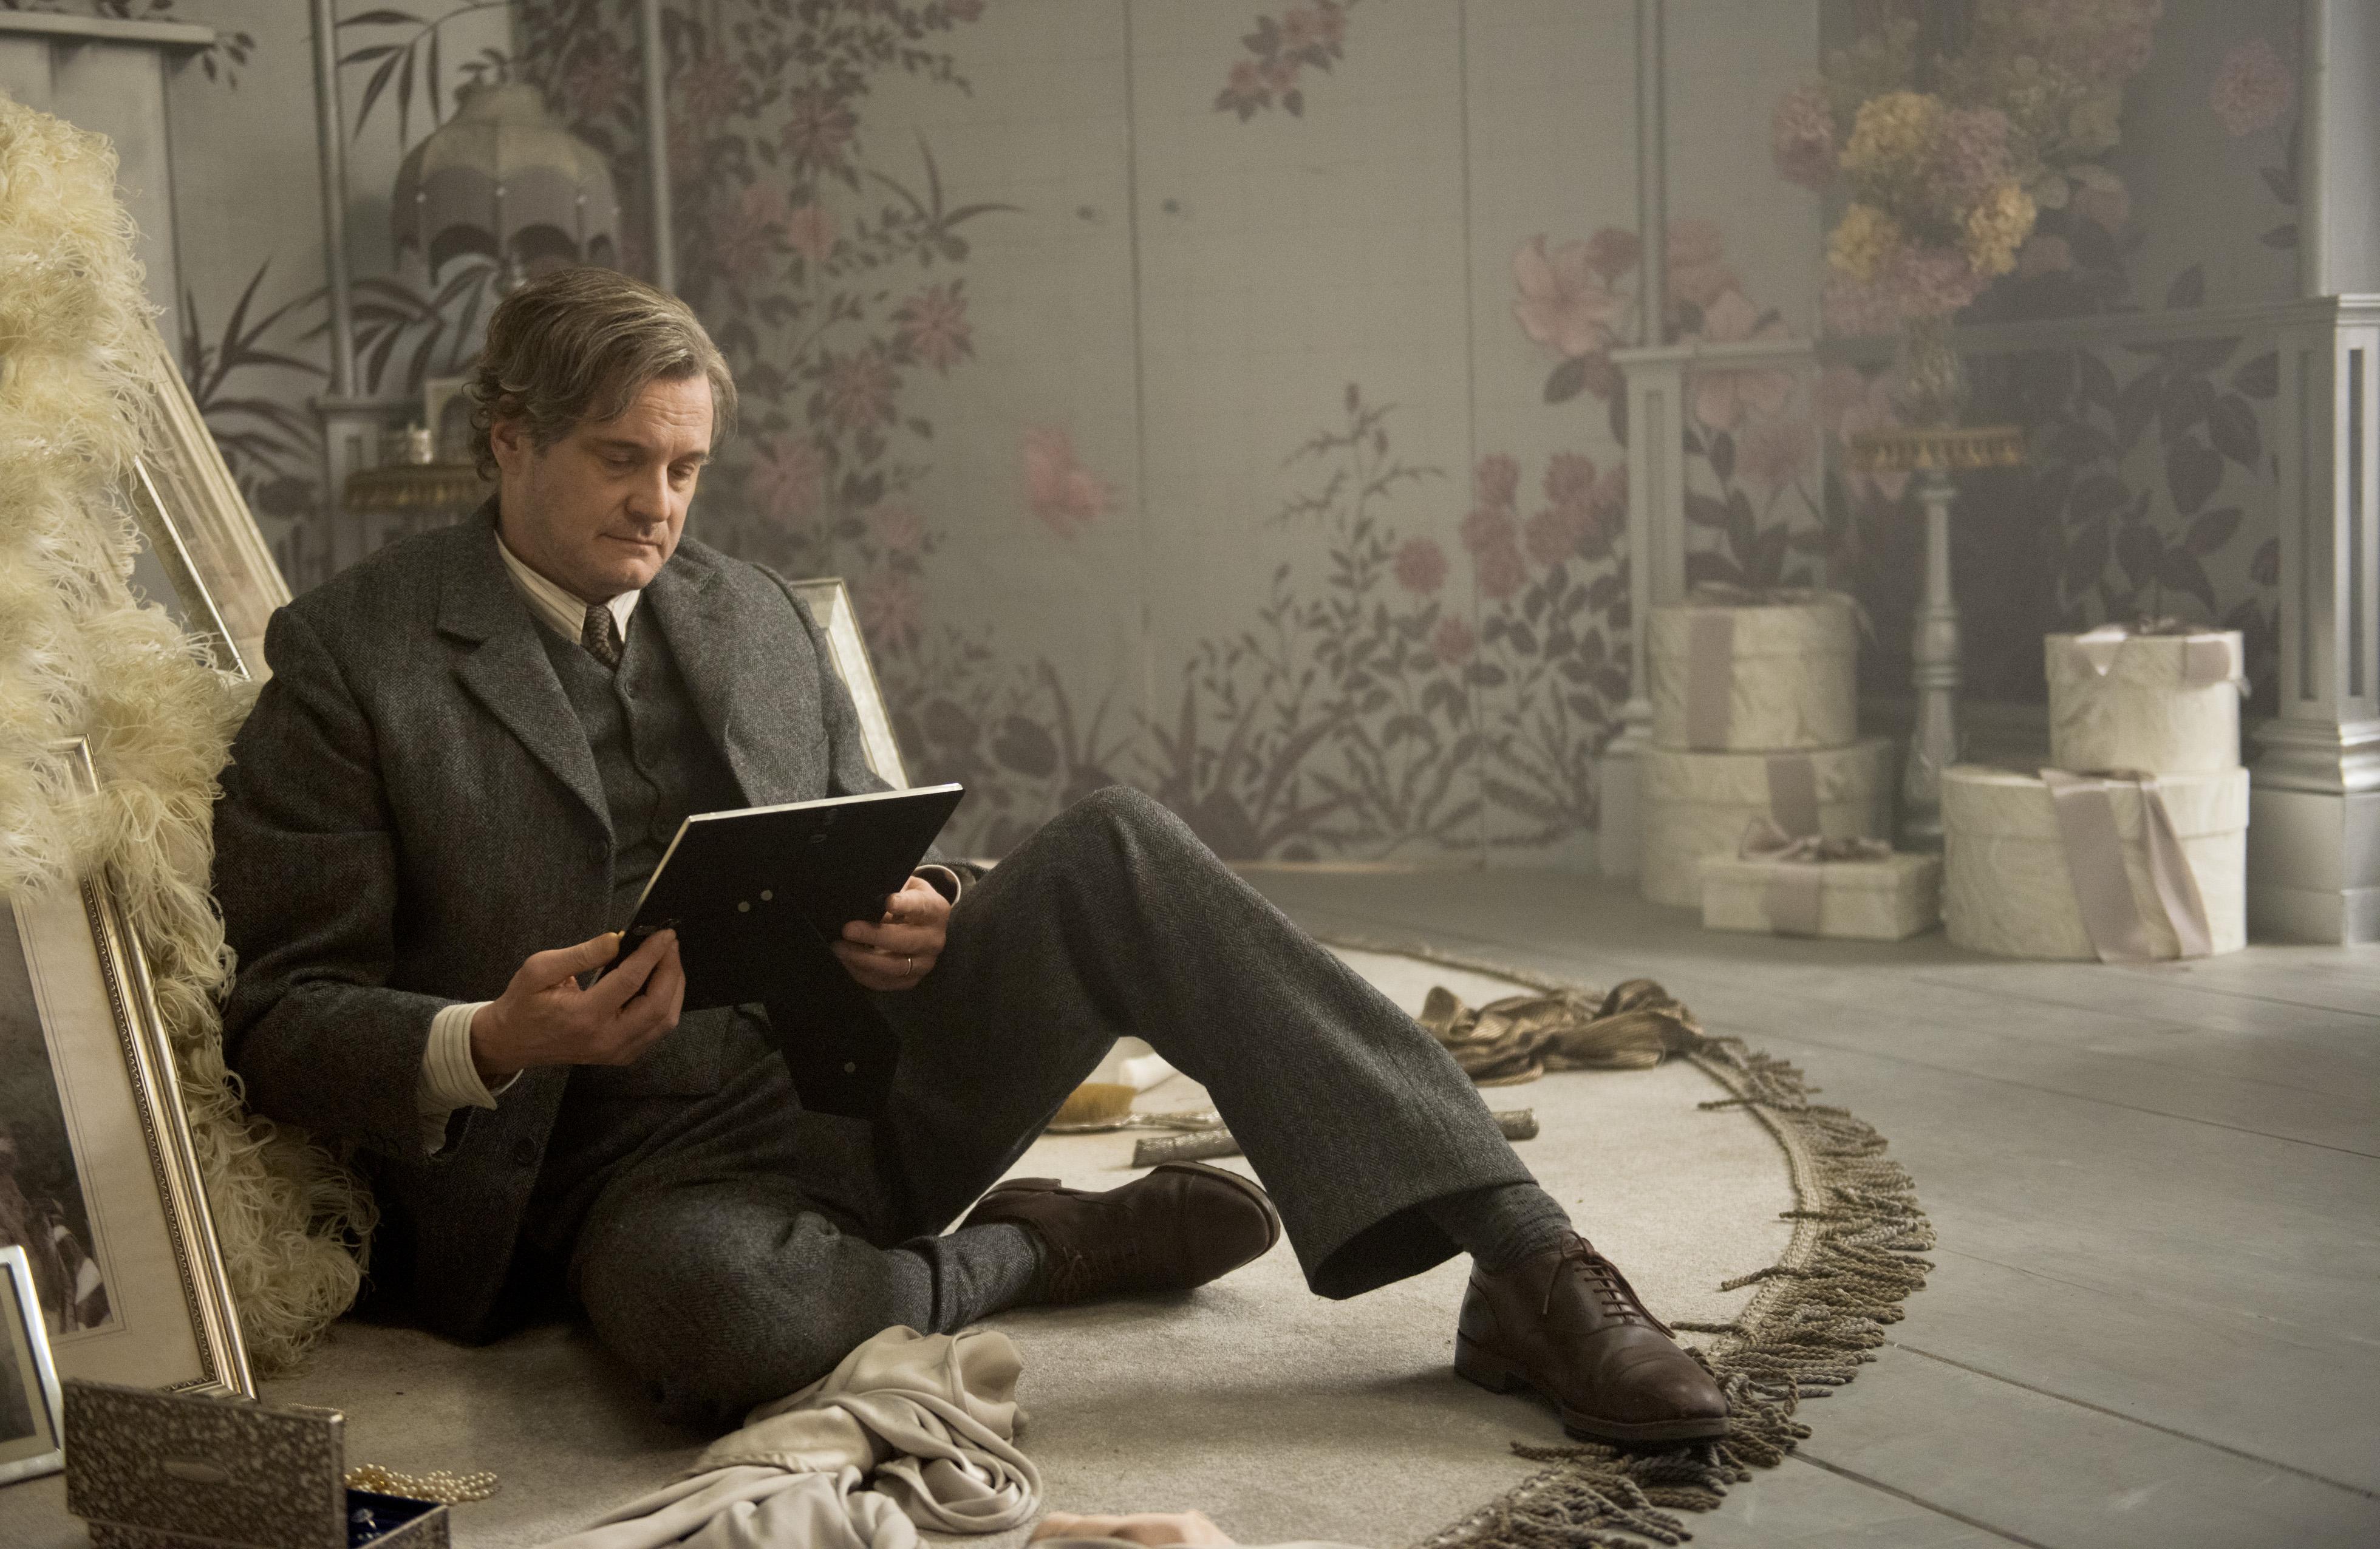 Вийшли офіційні трейлер та постер фільму «Таємничий сад» з Коліном Фертом